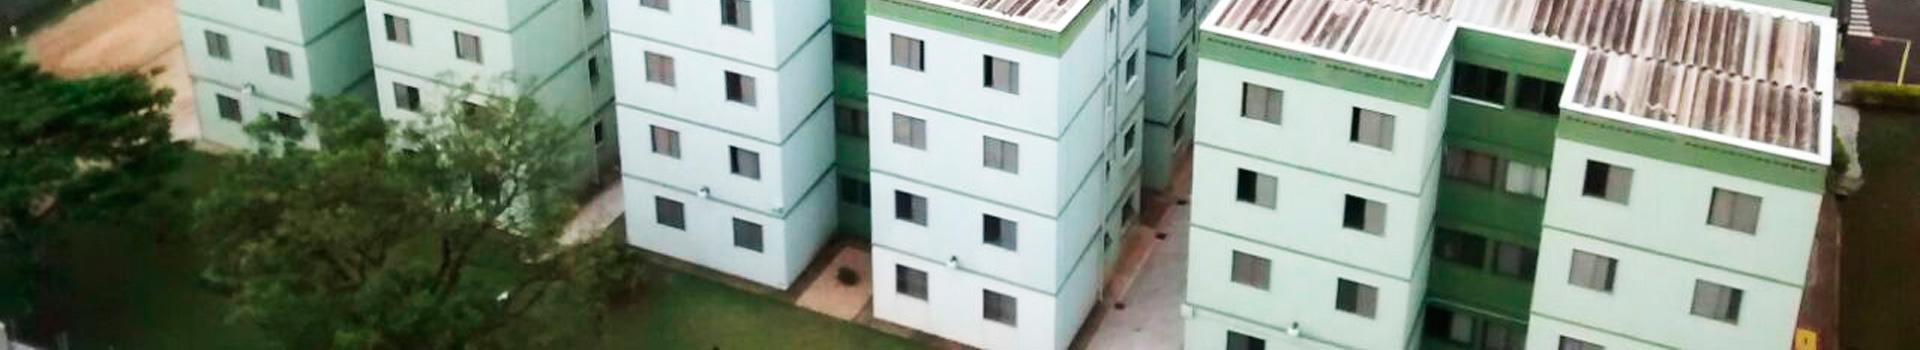 Campos Verdes Área Construída: 8.445m² - Cid. Satelite Iris - Campinas / SP